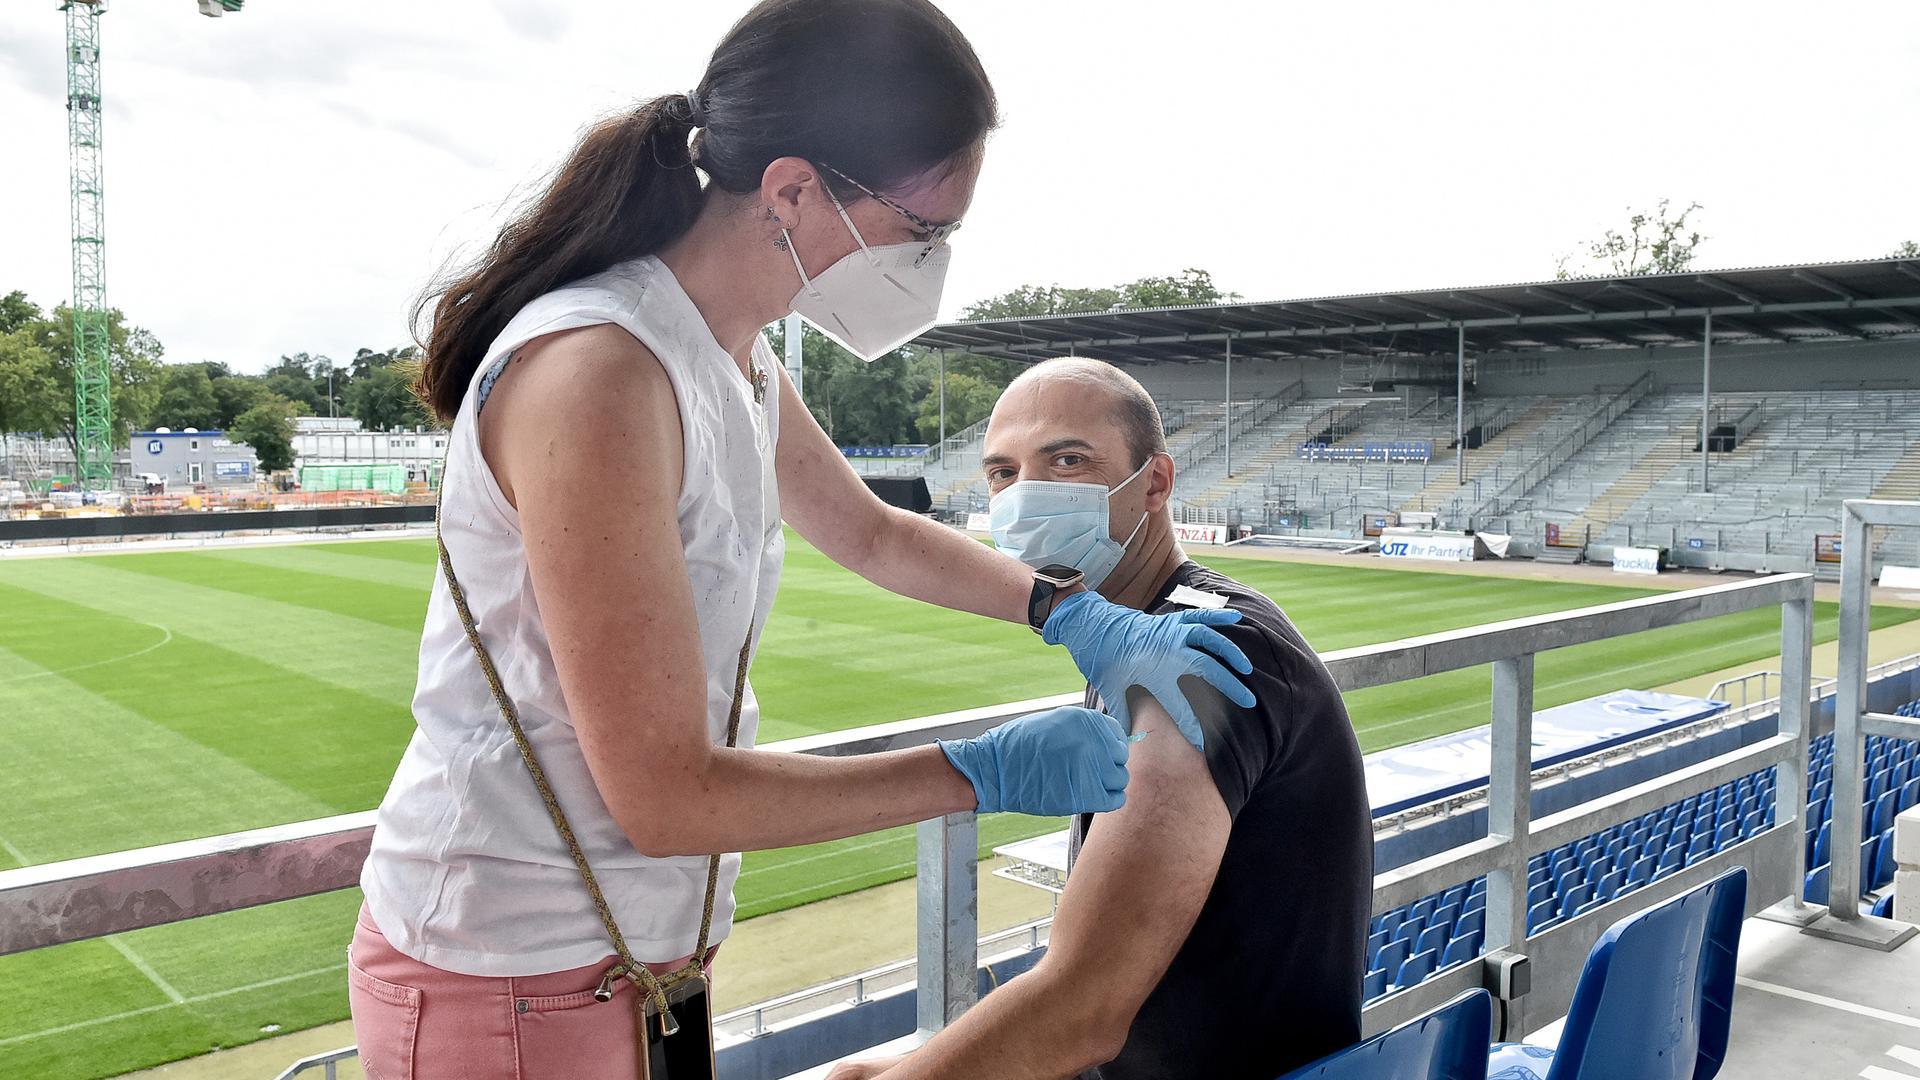 Pieks mit Aussicht: Markus Guggemos hat sich dazu entschieden, seine Zweitimpfung mit Biontech im Wildpark-Stadion zu bekommen.